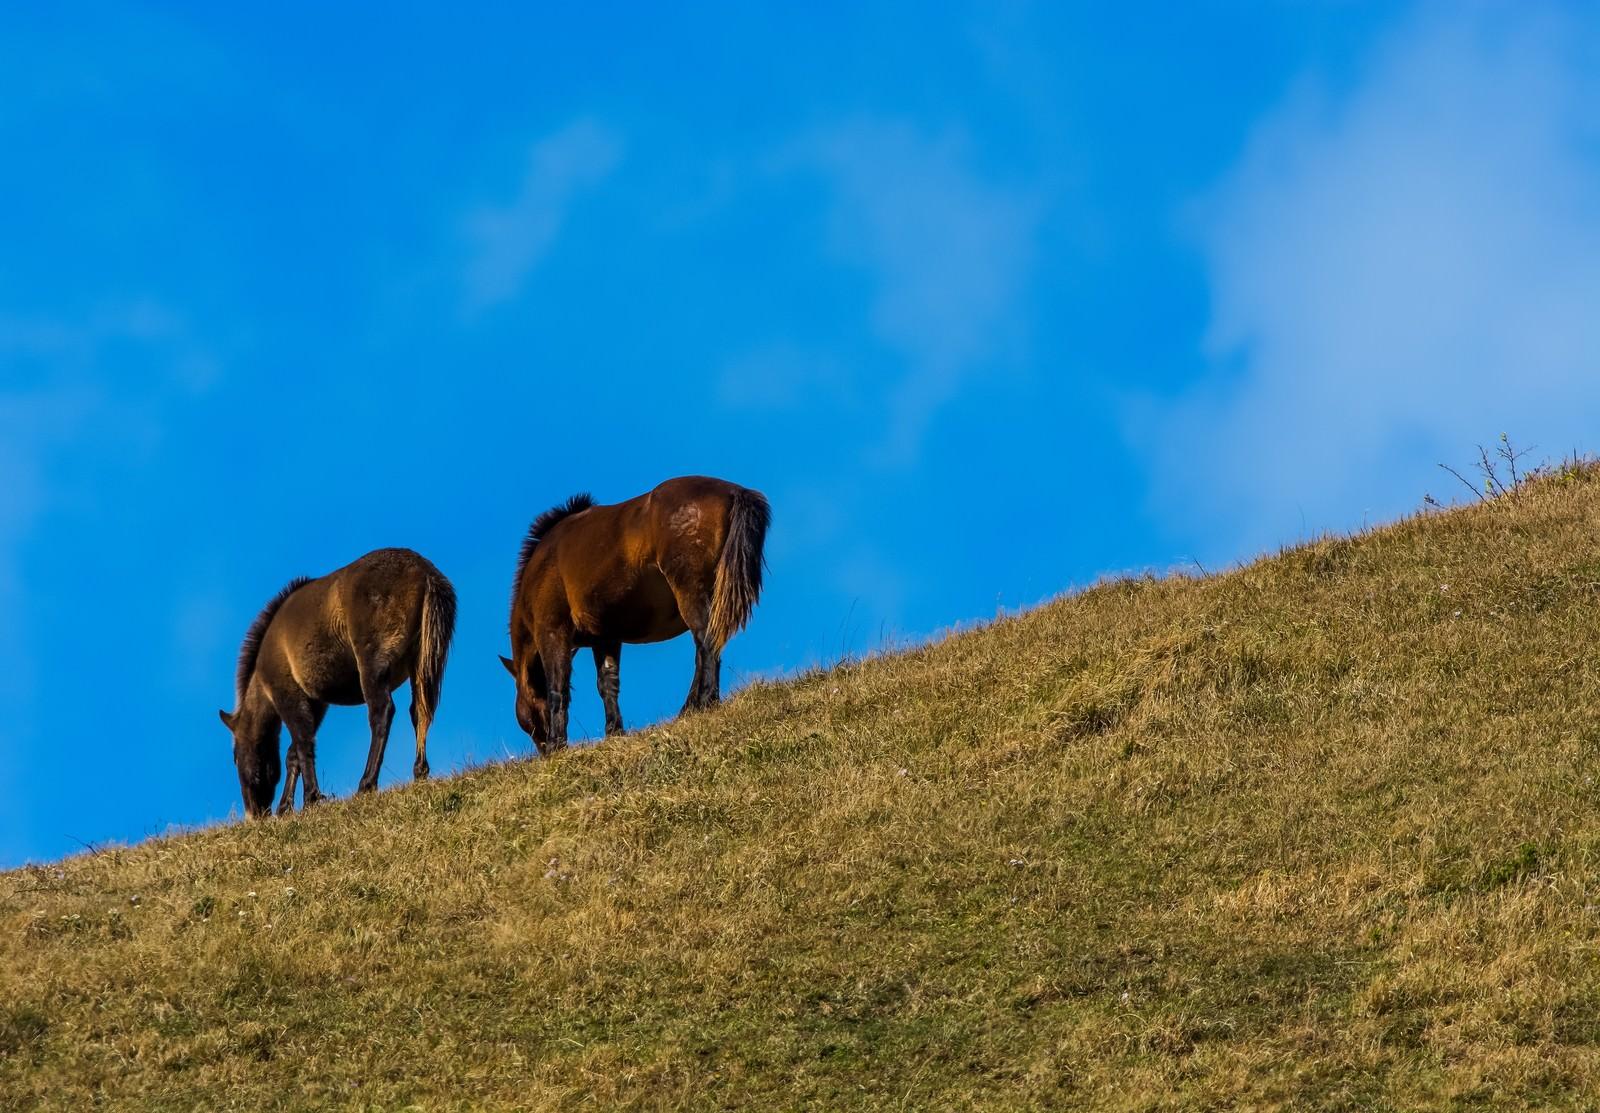 「寒風の中草を食む馬」の写真